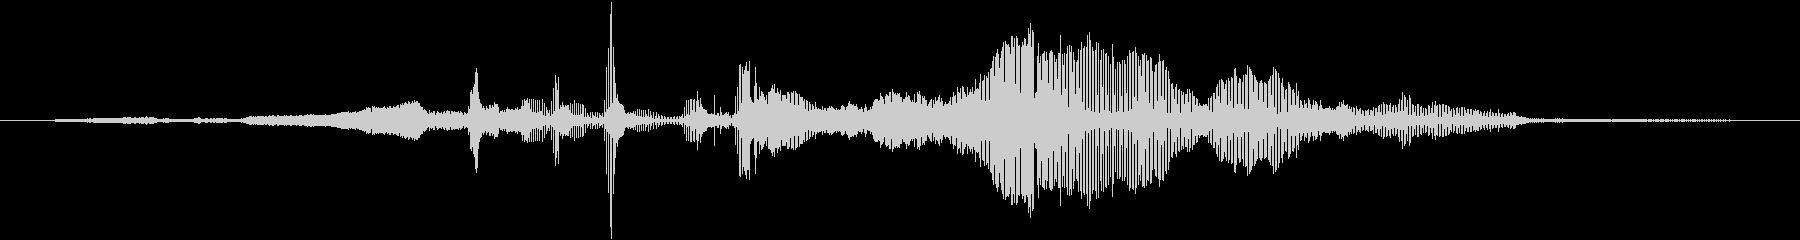 450 Cc 4ストローク:アプロ...の未再生の波形